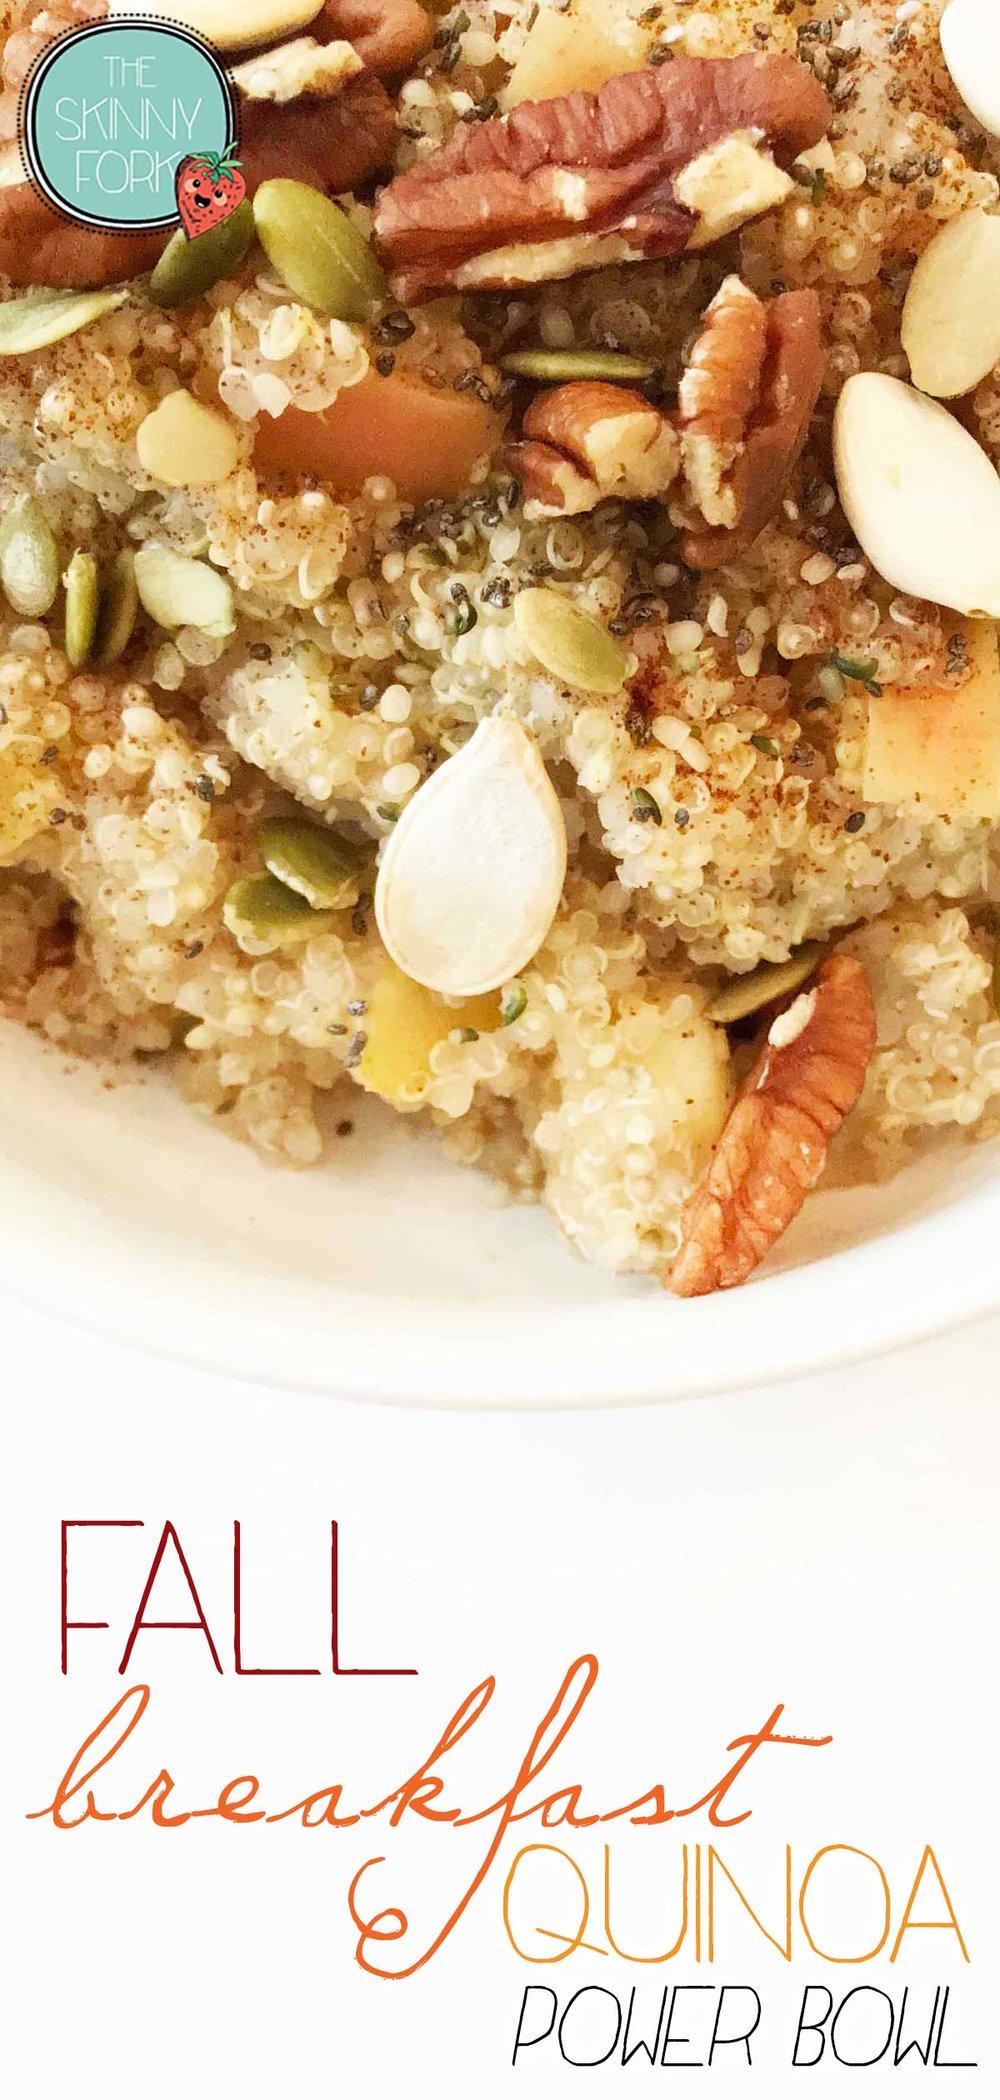 fall-breakfast-quinoa-bowl-insta-pin.jpg